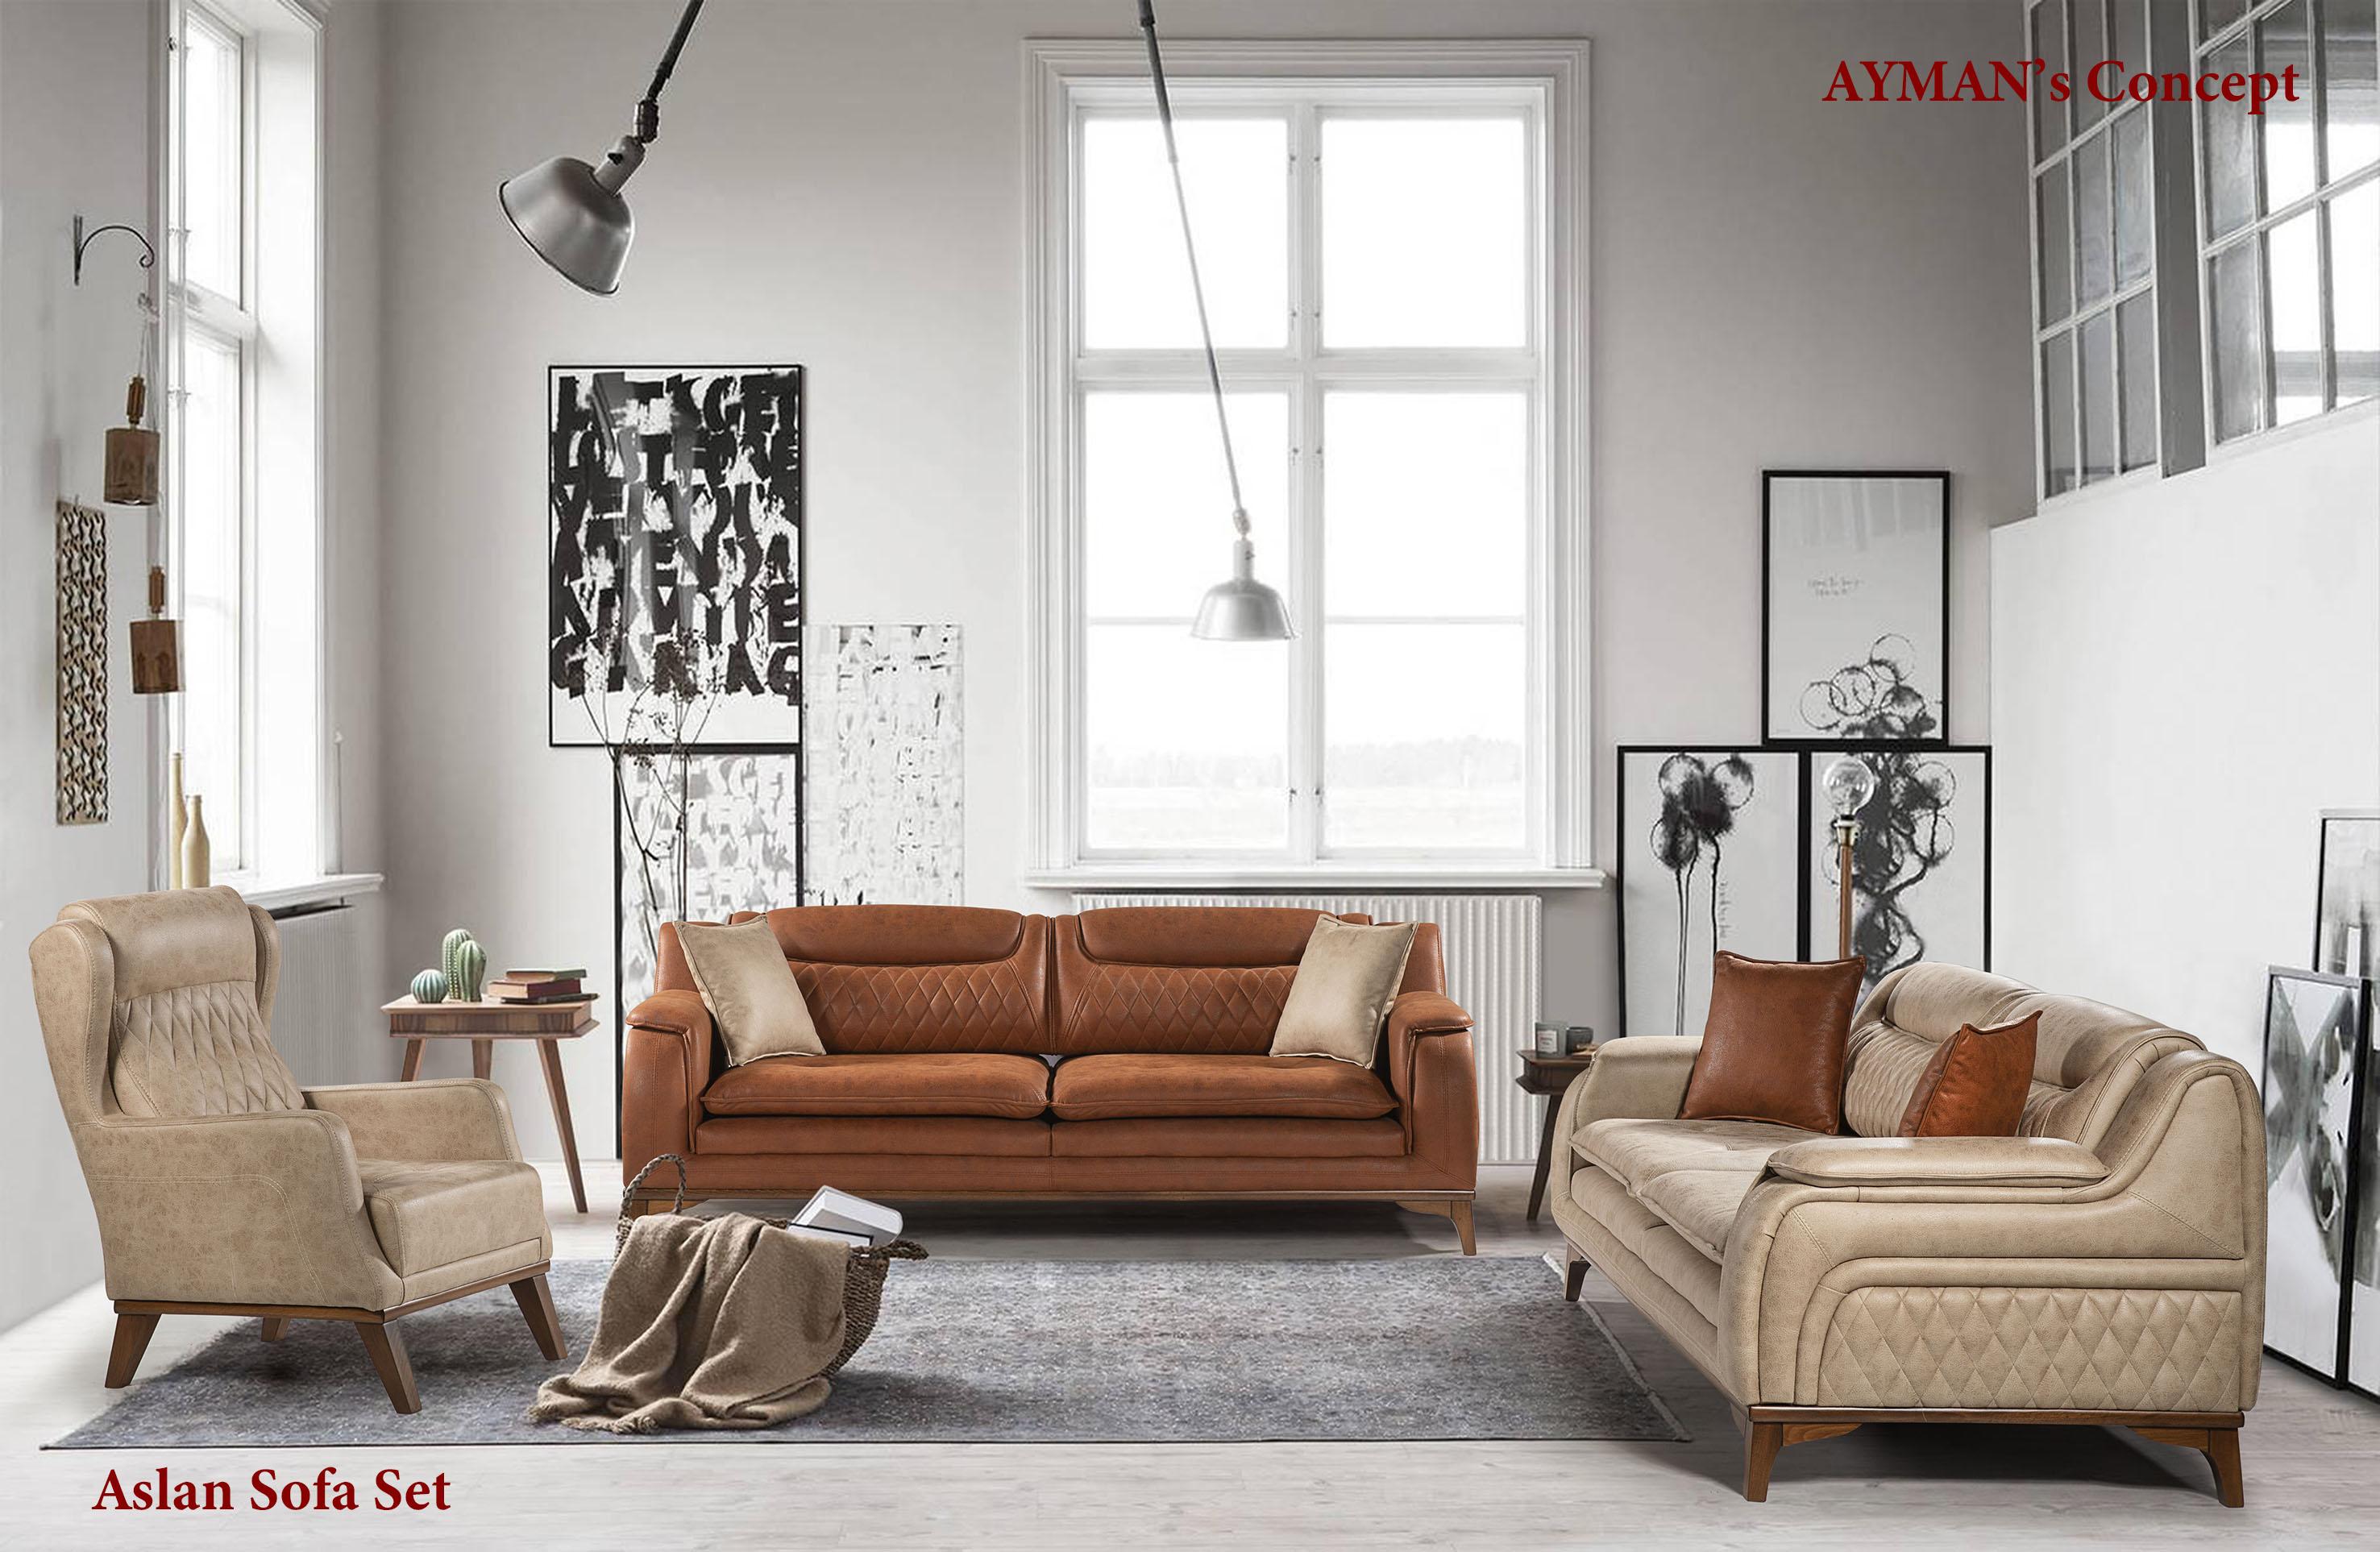 Armani Sofa Set